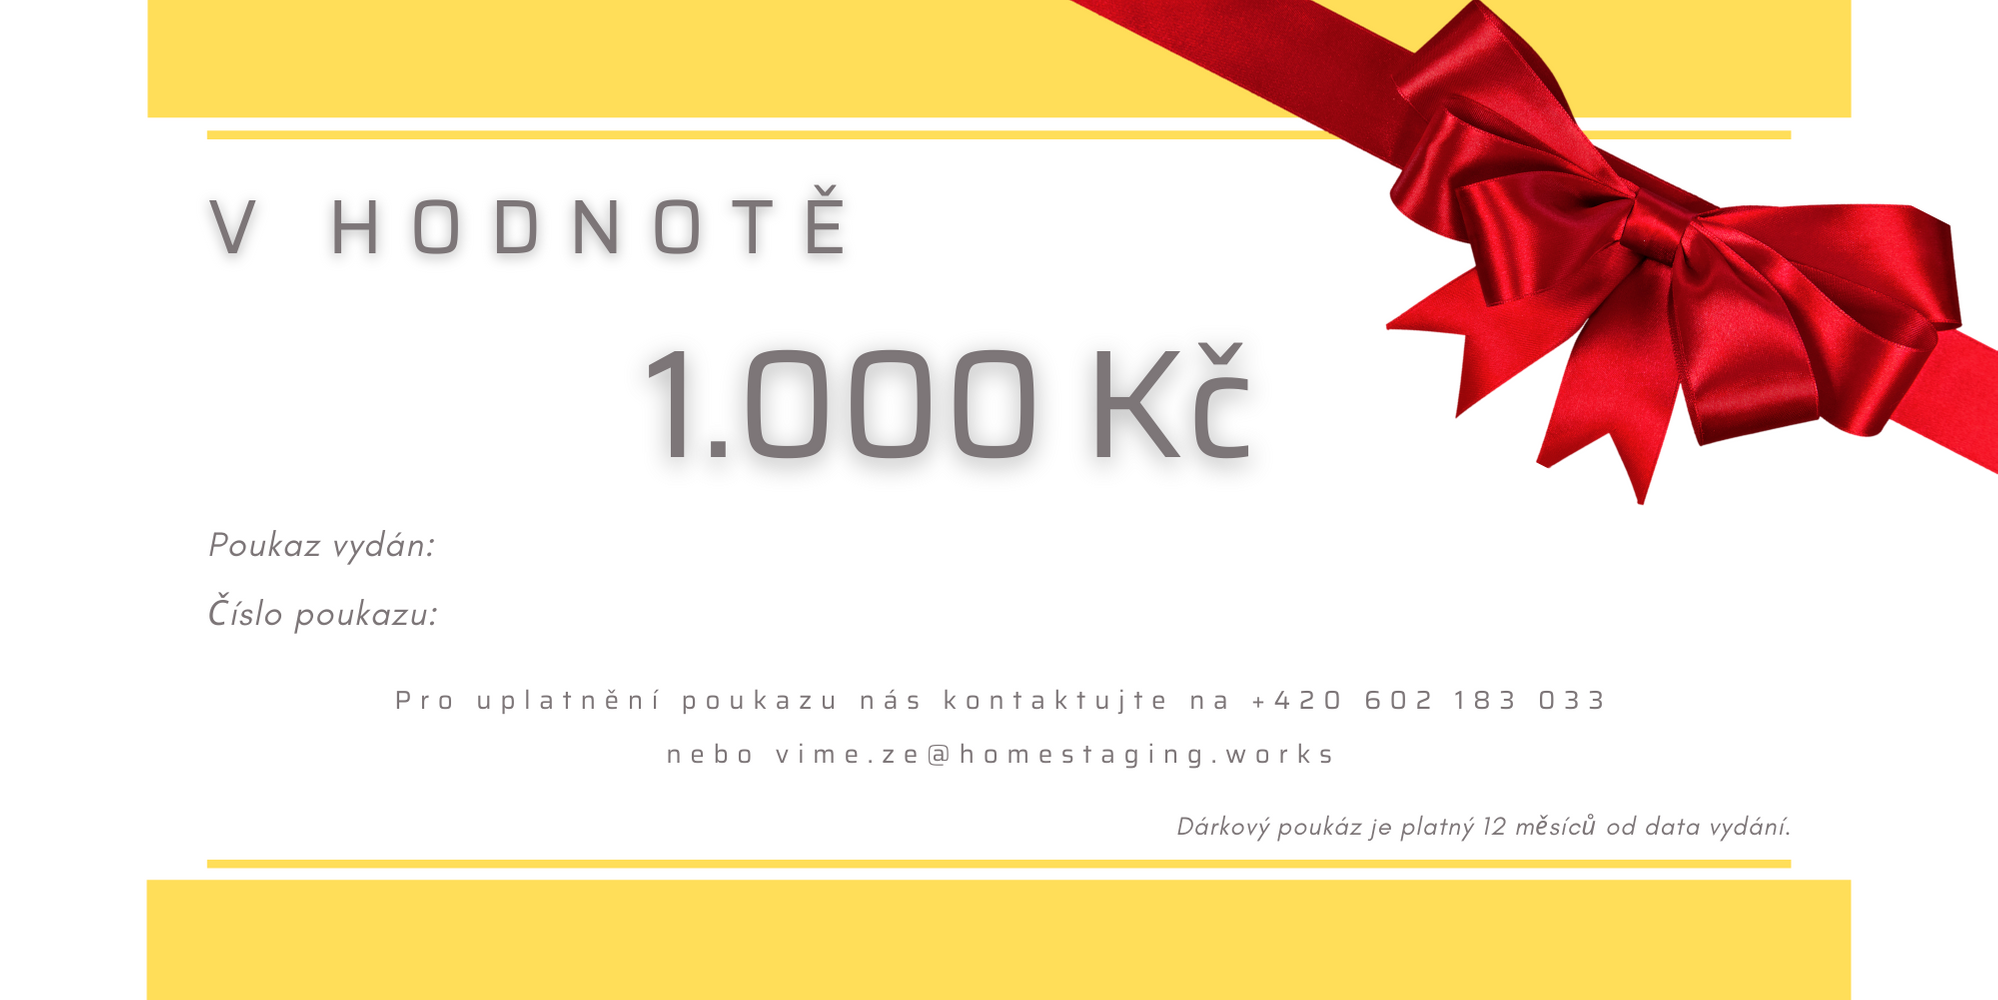 Dárkový poukaz 1.000 Kč